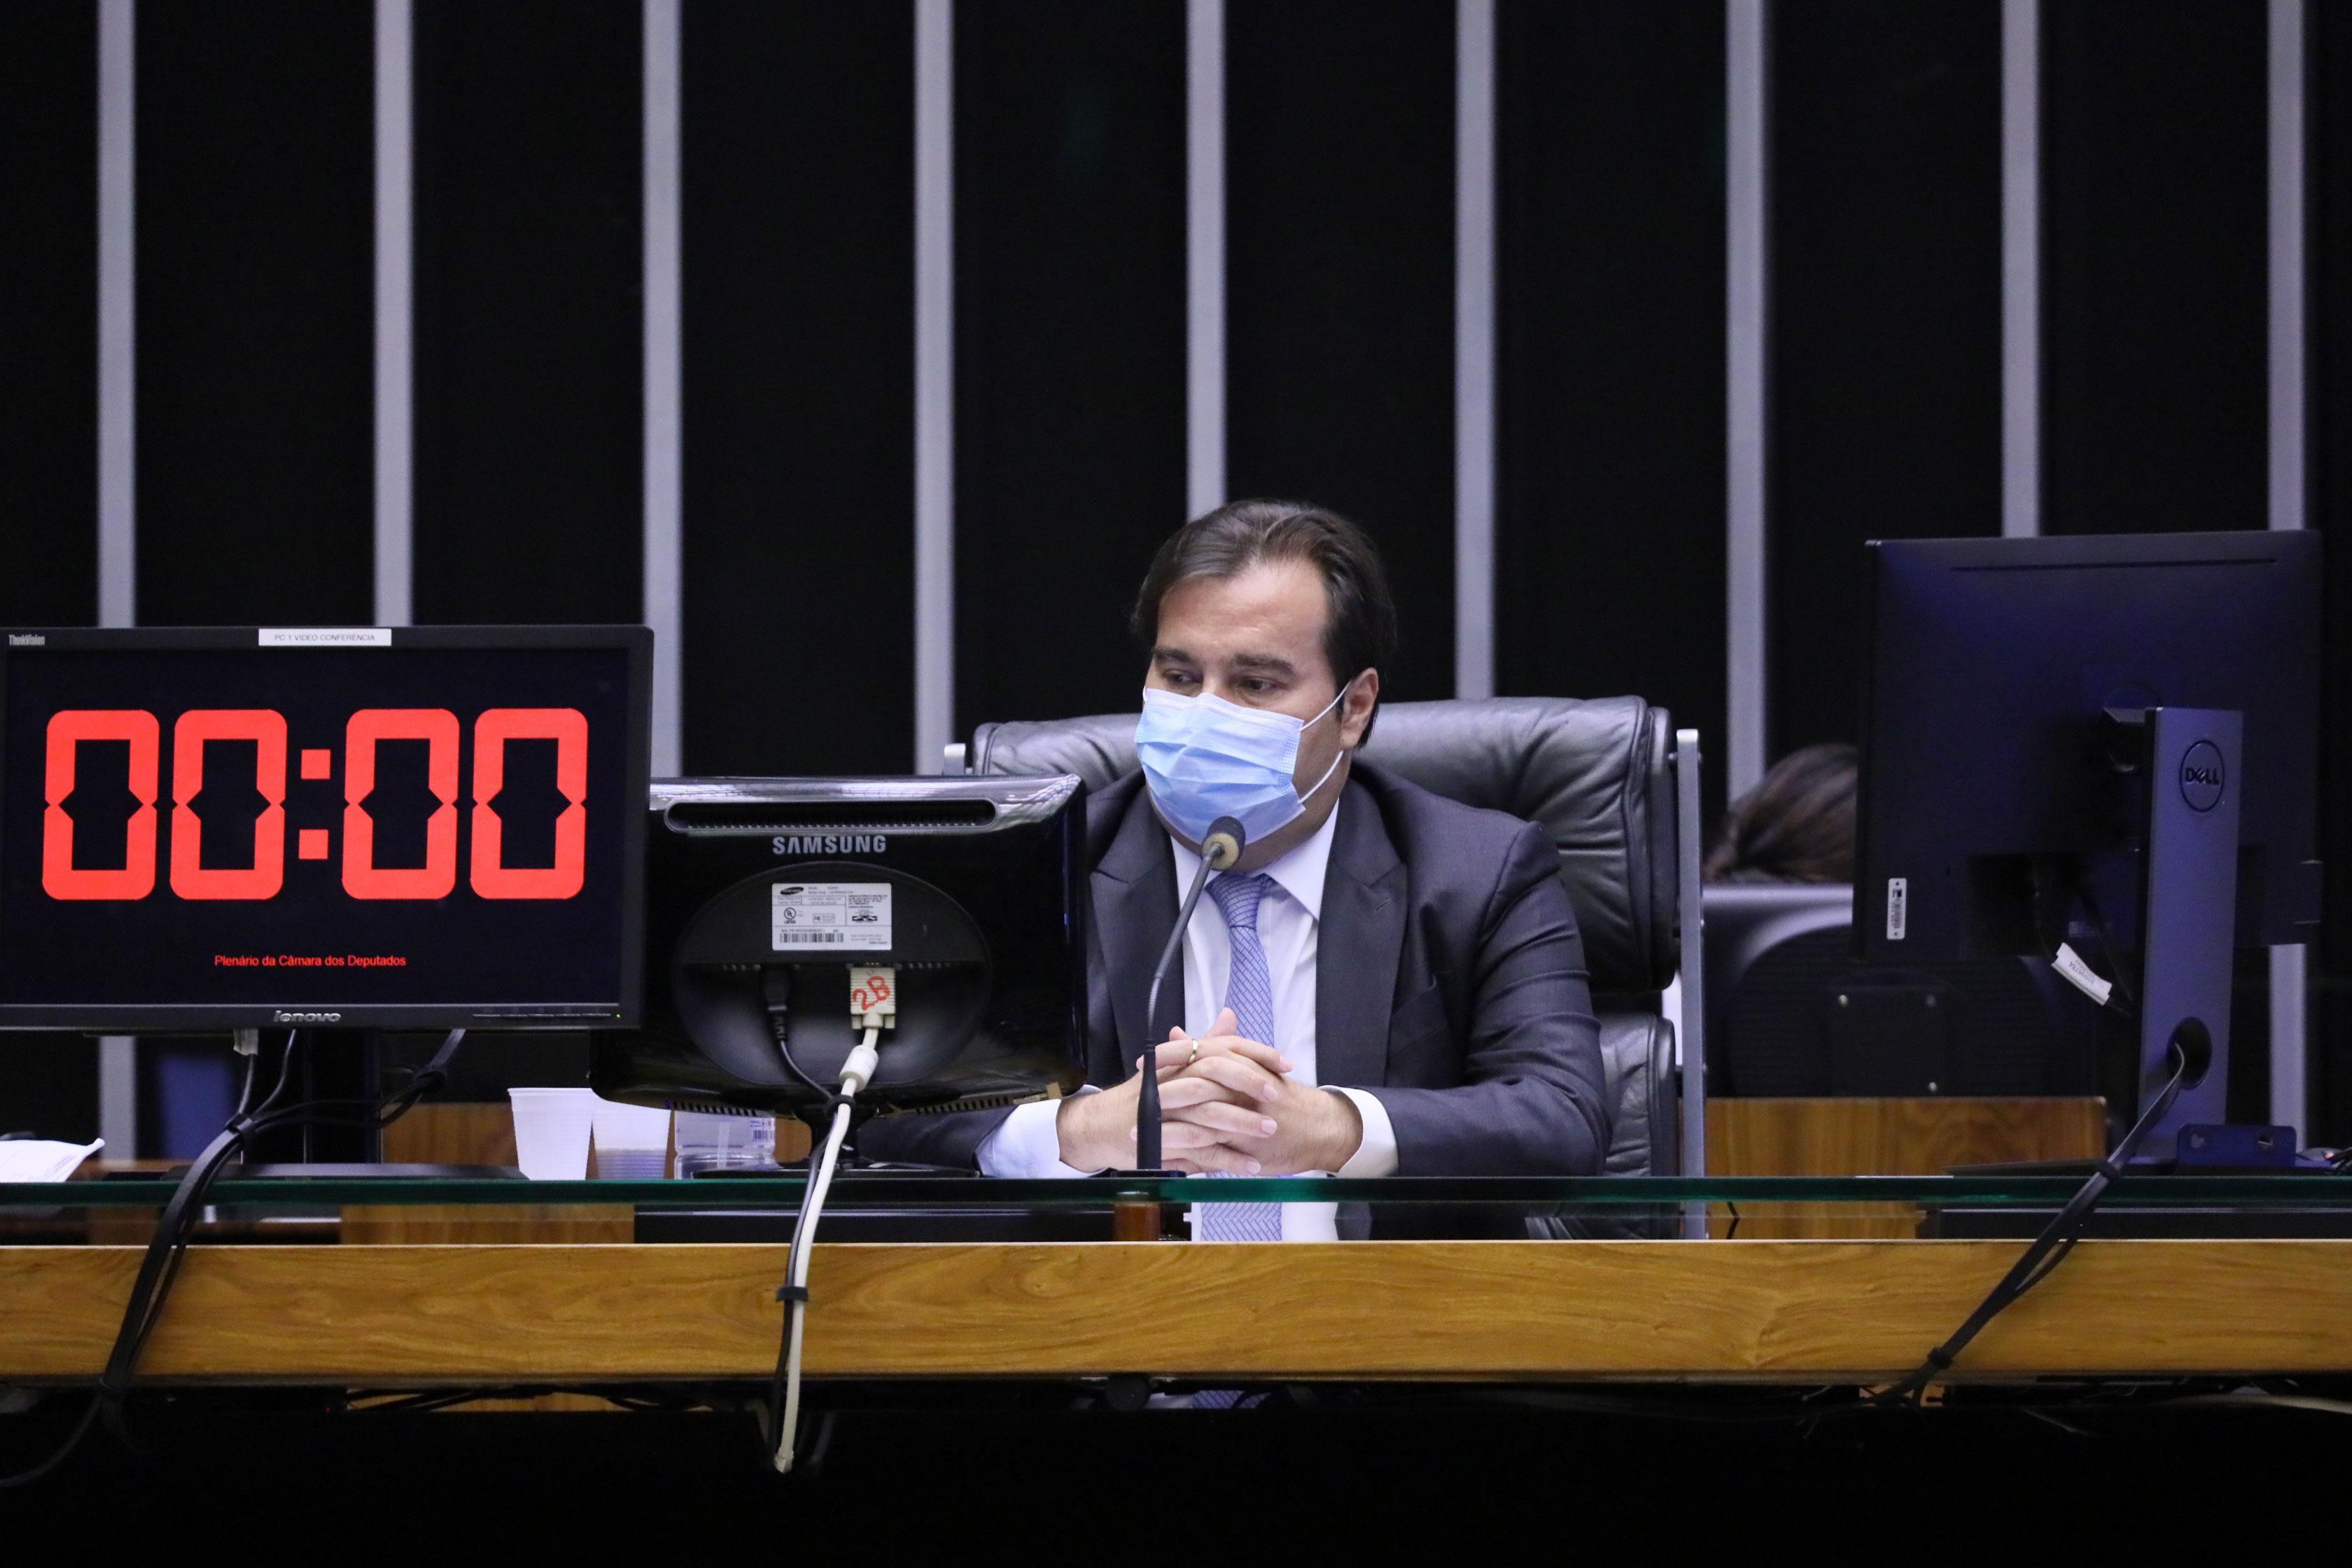 O presidente da Câmara dos Deputados, Rodrigo Maia, durante sessão legislativa